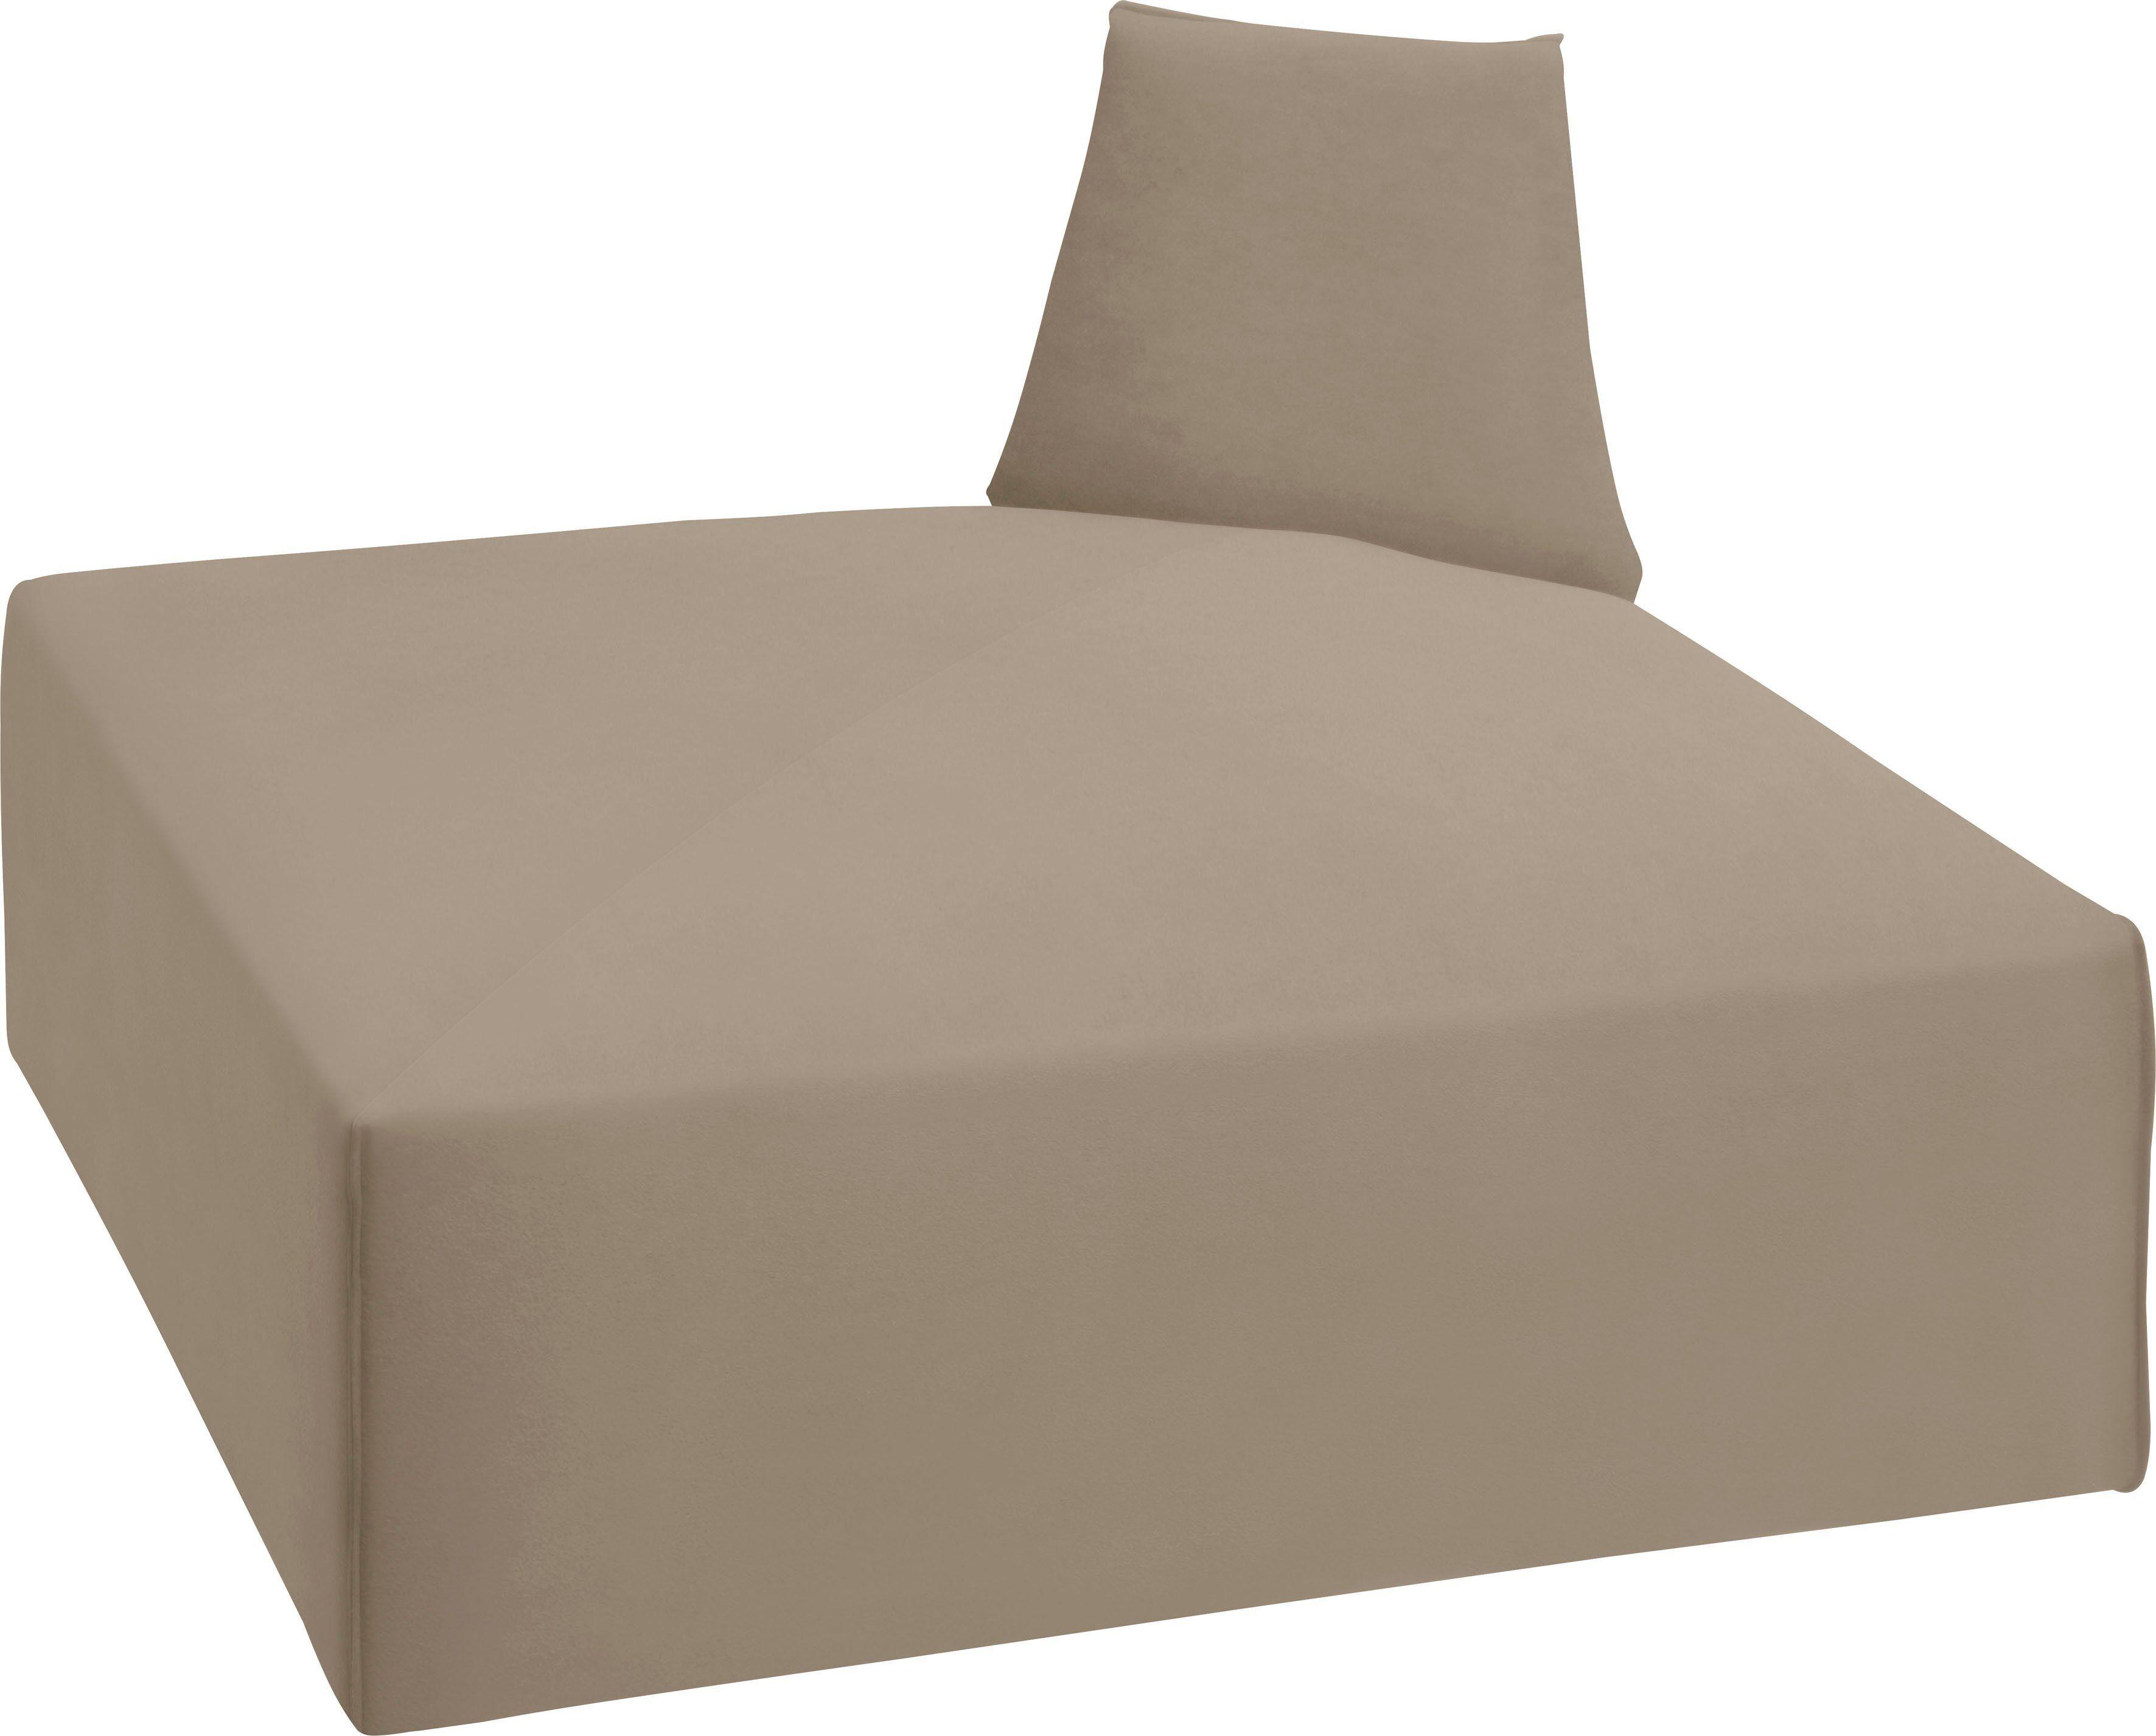 TOM TAILOR Sofa-Eckelement »ELEMENTS«, Außenecke zur Verbindung der Sofaelemente, dune TSV 12